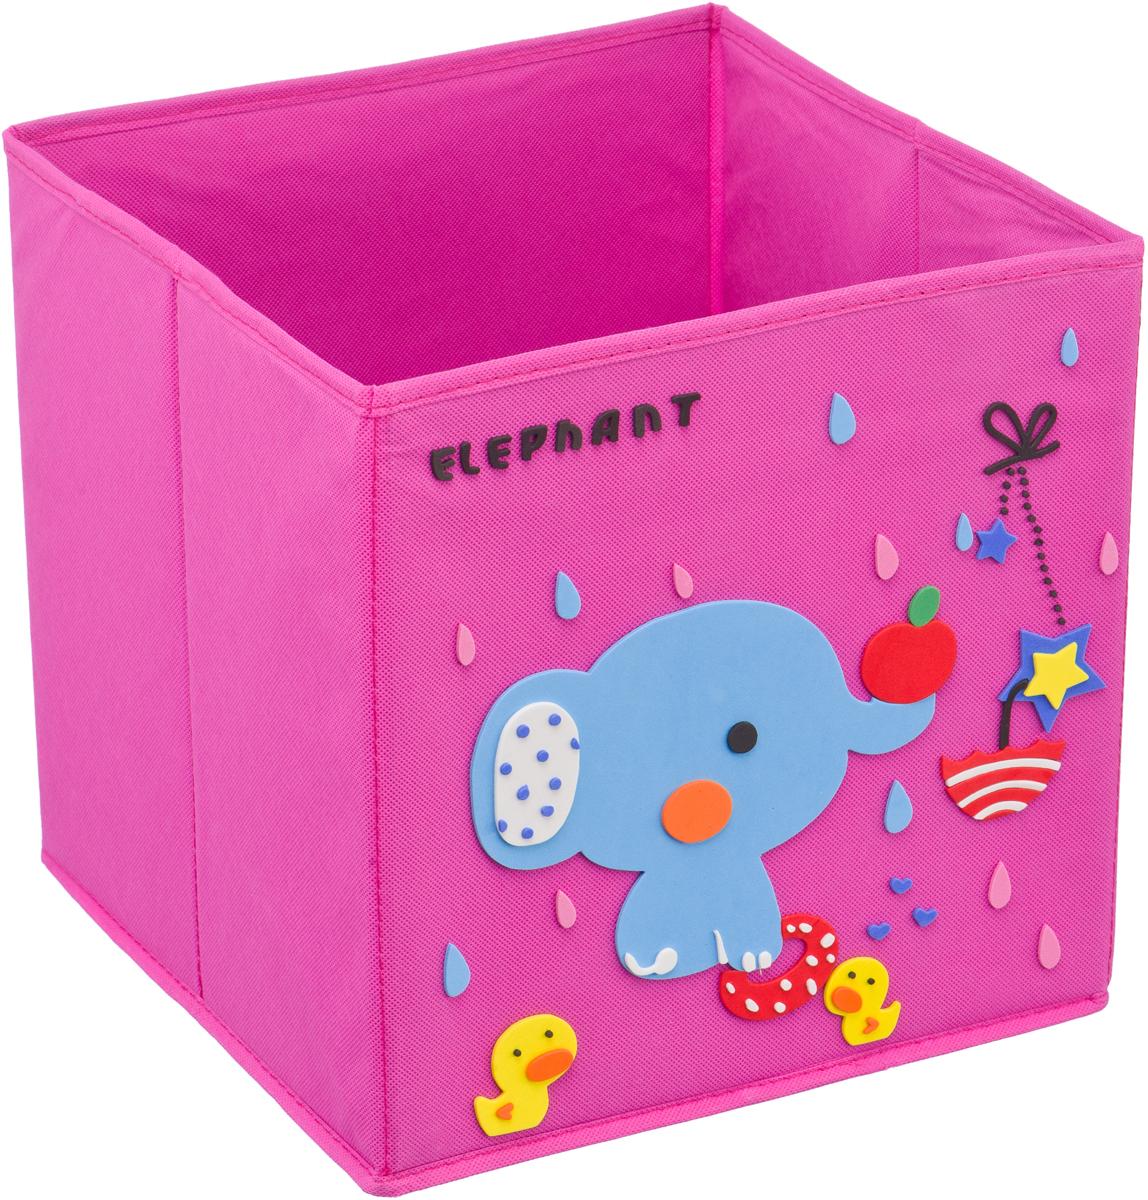 Кофр для хранения Handy Home Слоник, с аппликацией, цвет: розовыйUC-115Кофр с аппликацией - универсальная система для домашнего хранения, которая дополняется интересной аппликацией с эксклюзивным и веселым детским дизайном для оформления фронтальной стороны короба. Комплект представляет собой складной короб из нетканого материала и картона, плюс самоклеящаяся аппликация из полимера, которую необходимо самому собрать в картину.Соберите всю увлекательную коллекцию у себя дома.